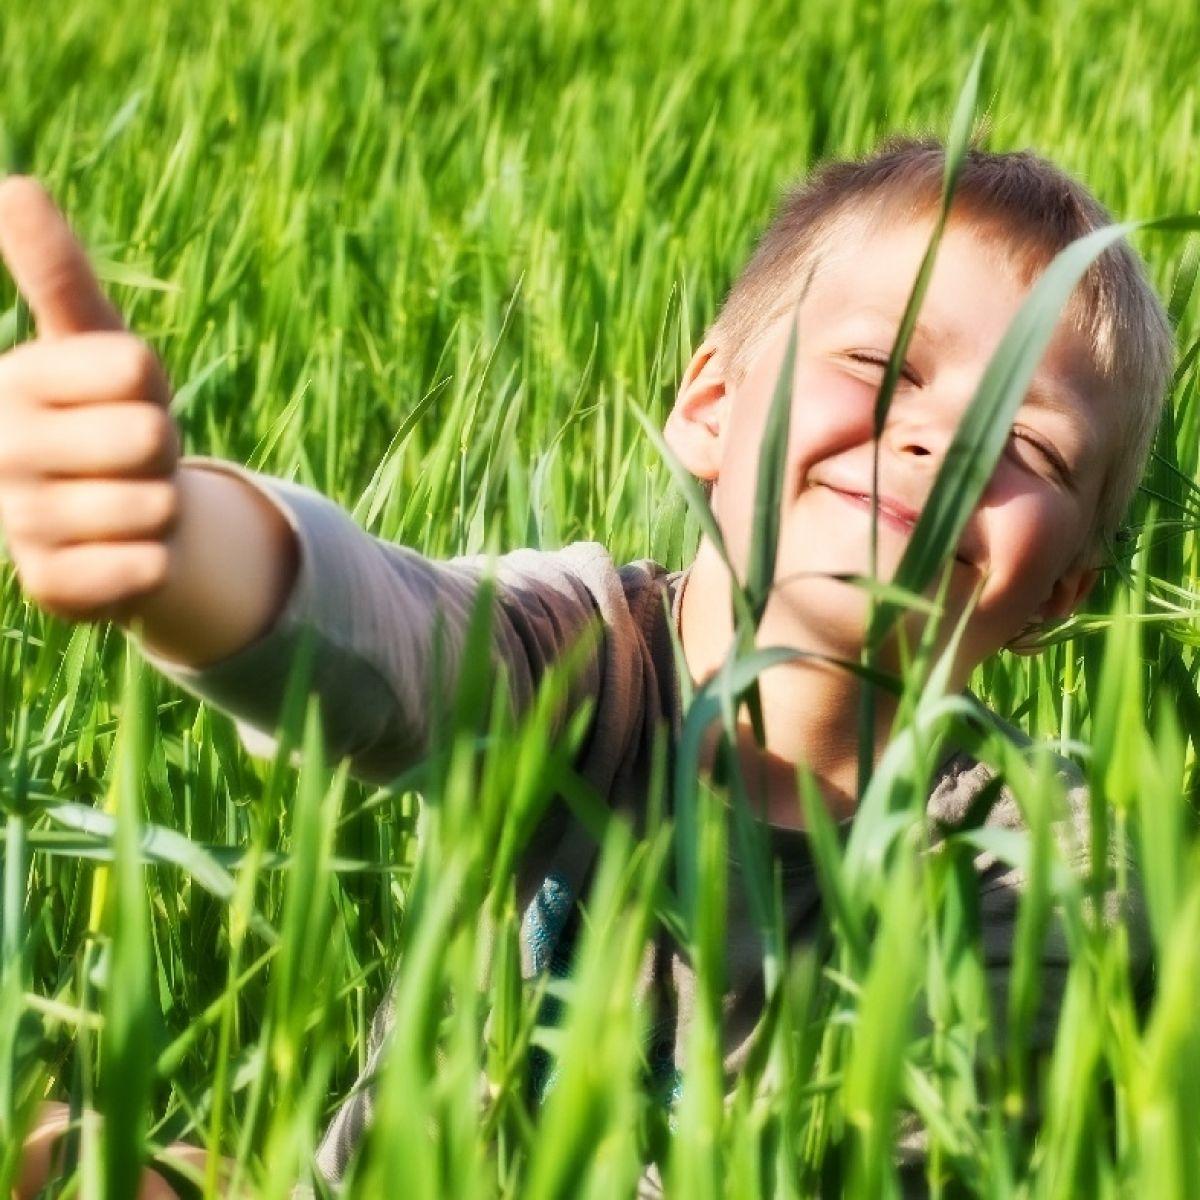 Plamy Z Trawy 7 Sposobow Na To By Skutecznie Usunac Plamy Z Trawy Porady Domowe Polki Pl